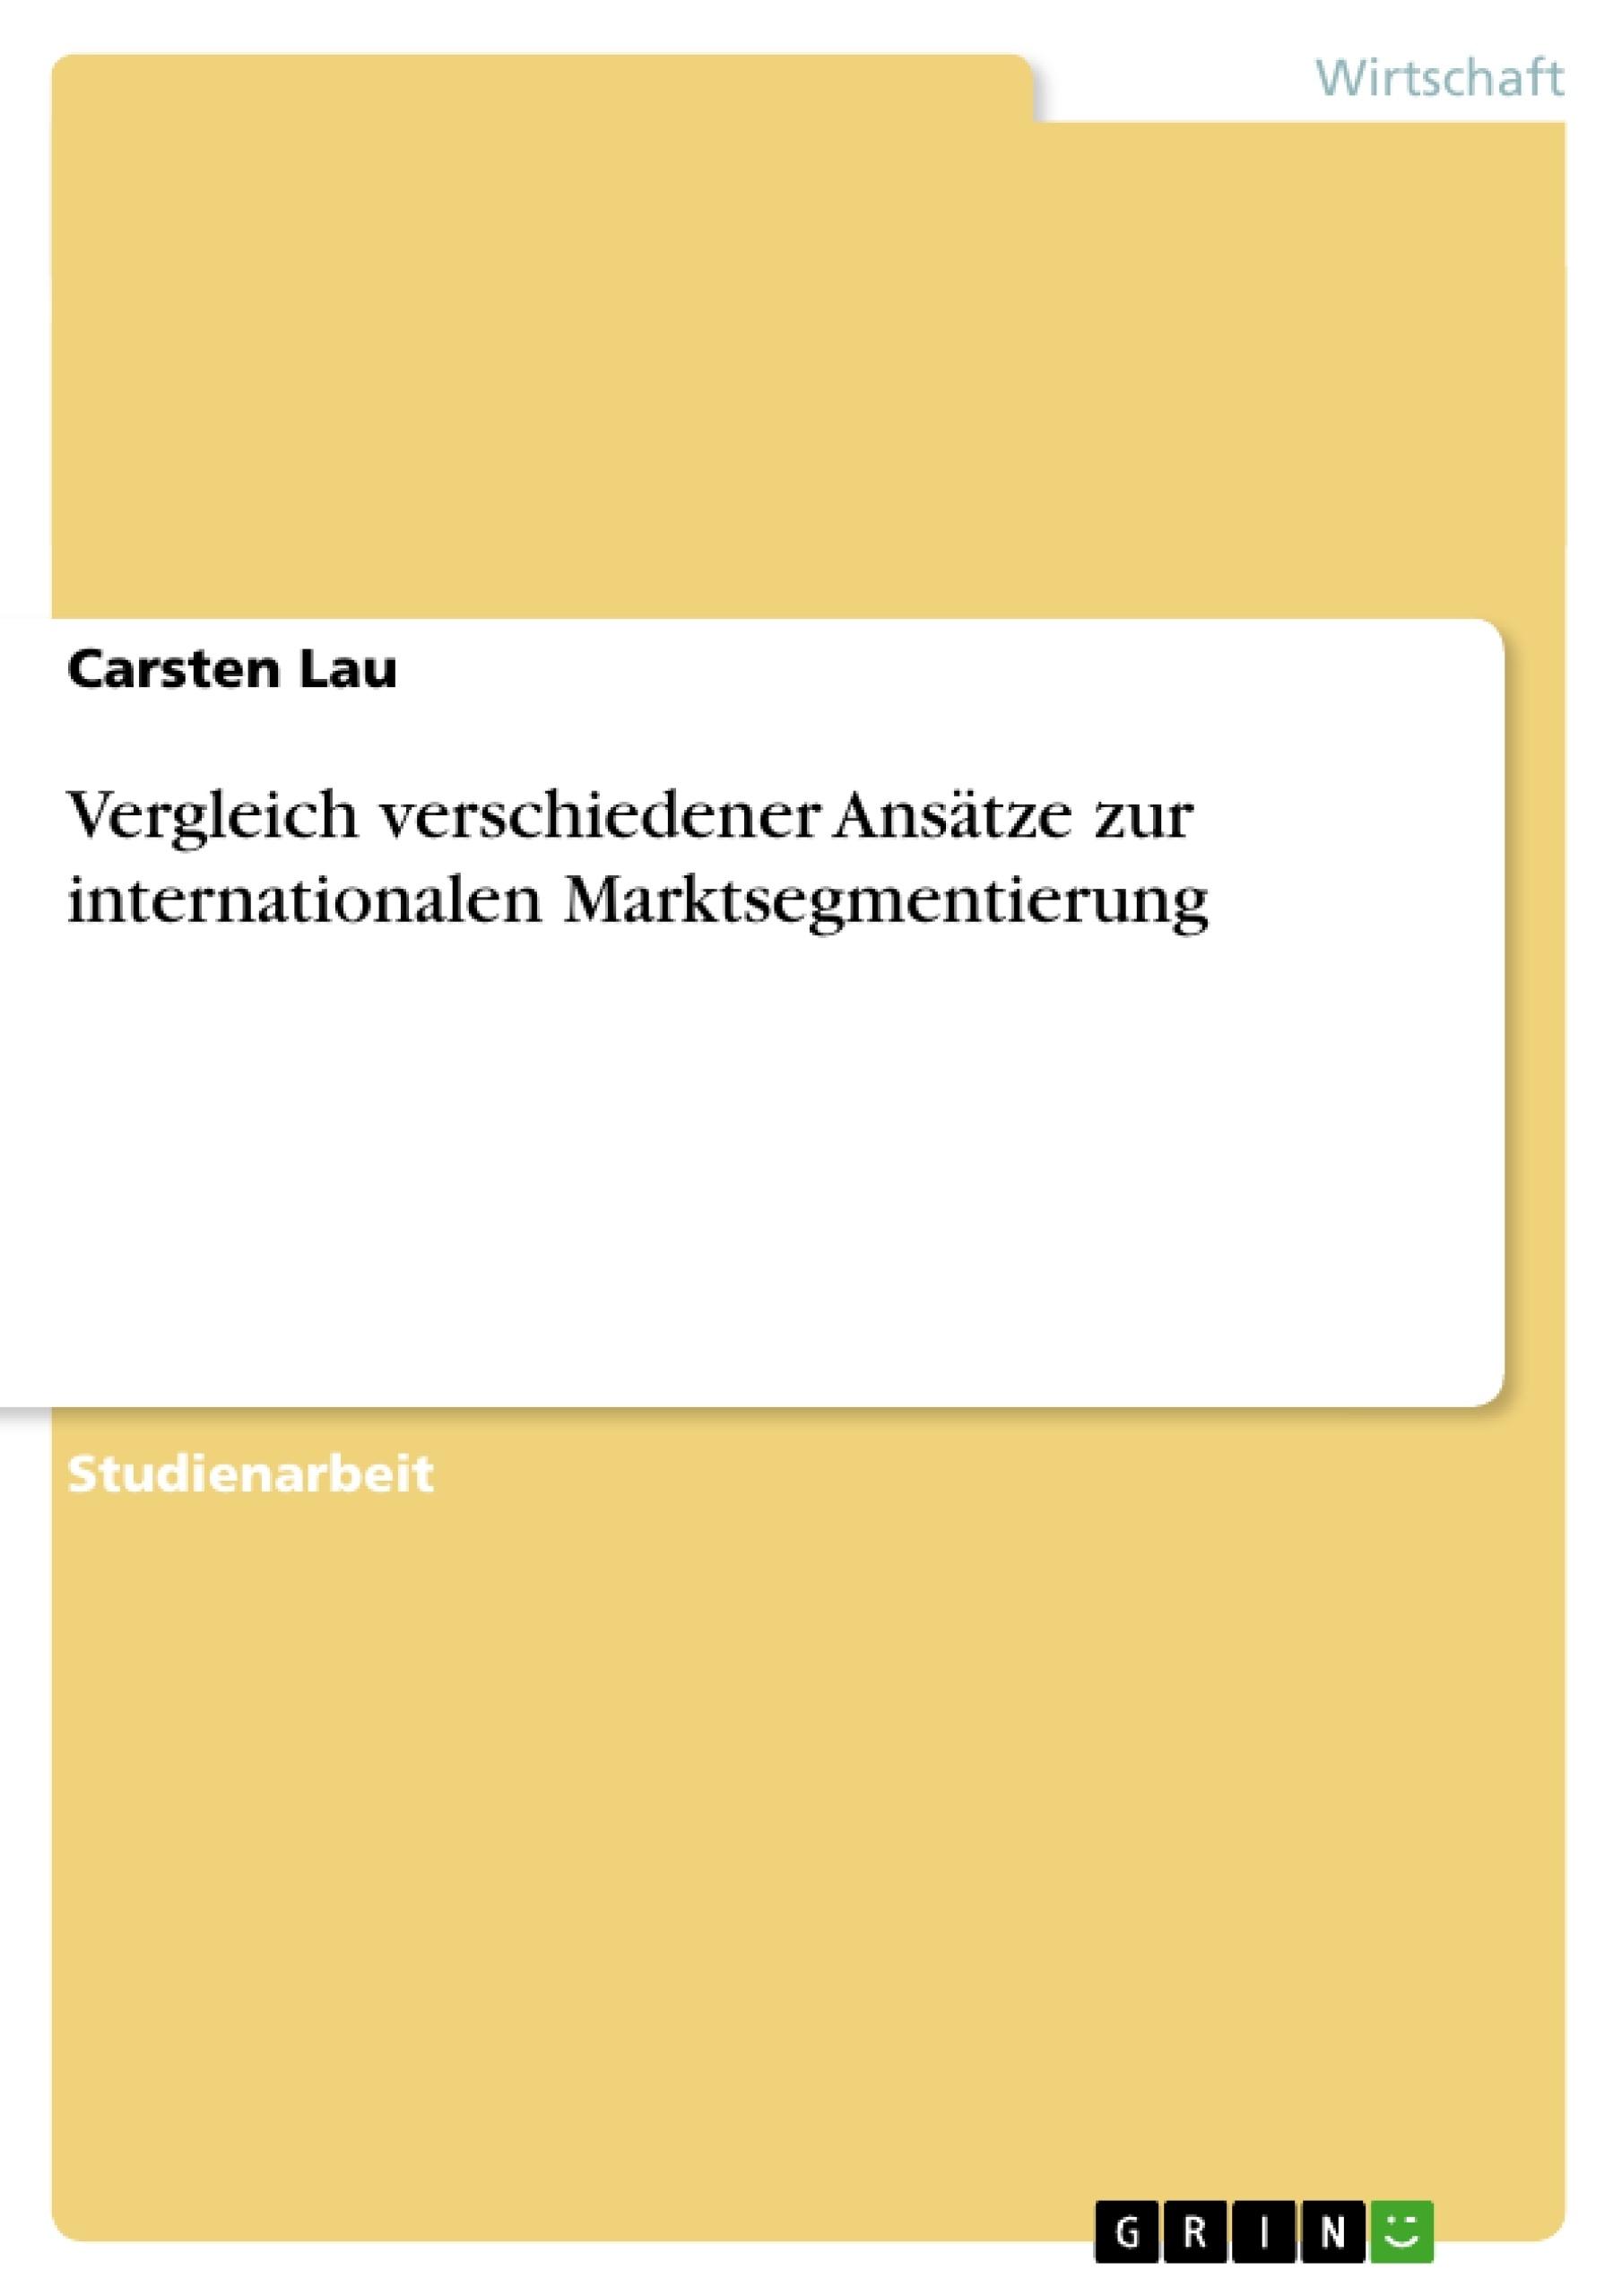 Titel: Vergleich verschiedener Ansätze zur internationalen Marktsegmentierung